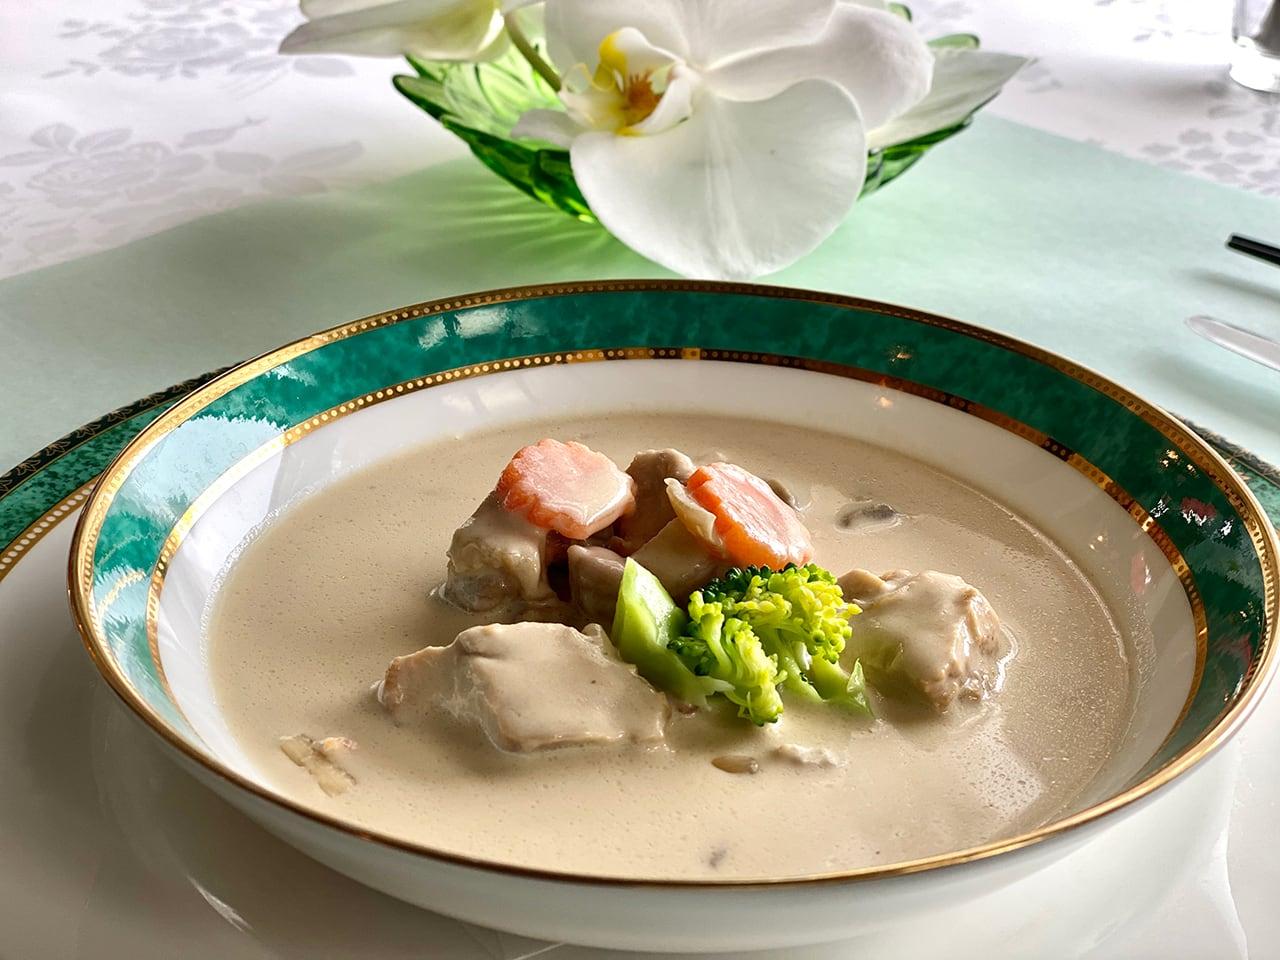 国産鶏とマッシュルームのクリームシチュー 1人前(200g)